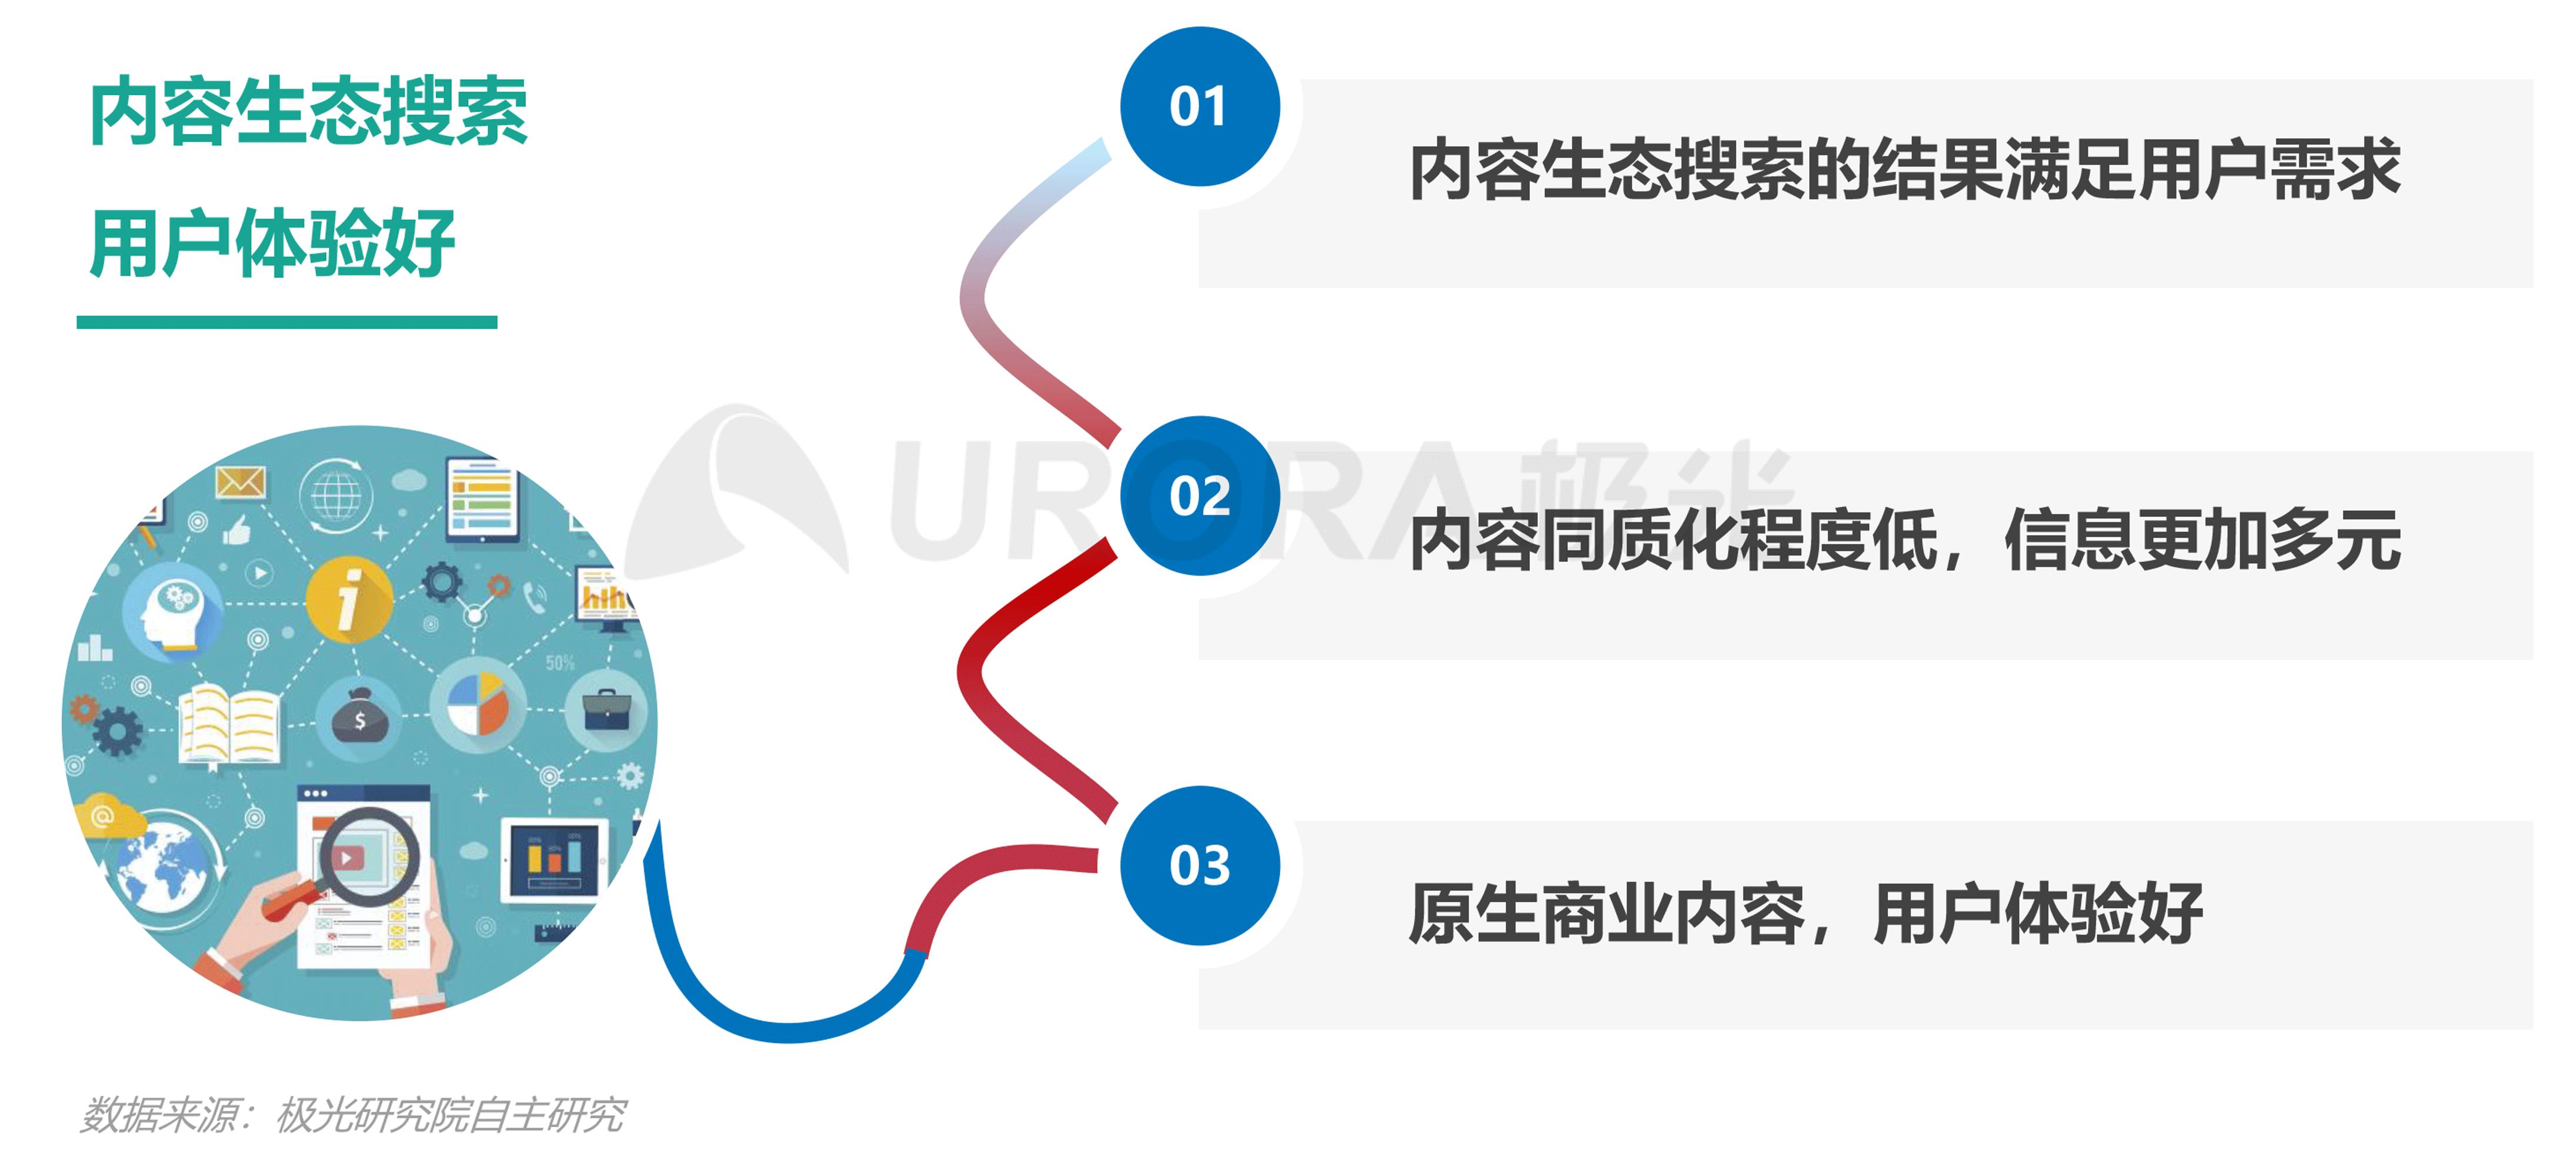 极光:内容生态搜索趋势报告png (18).png